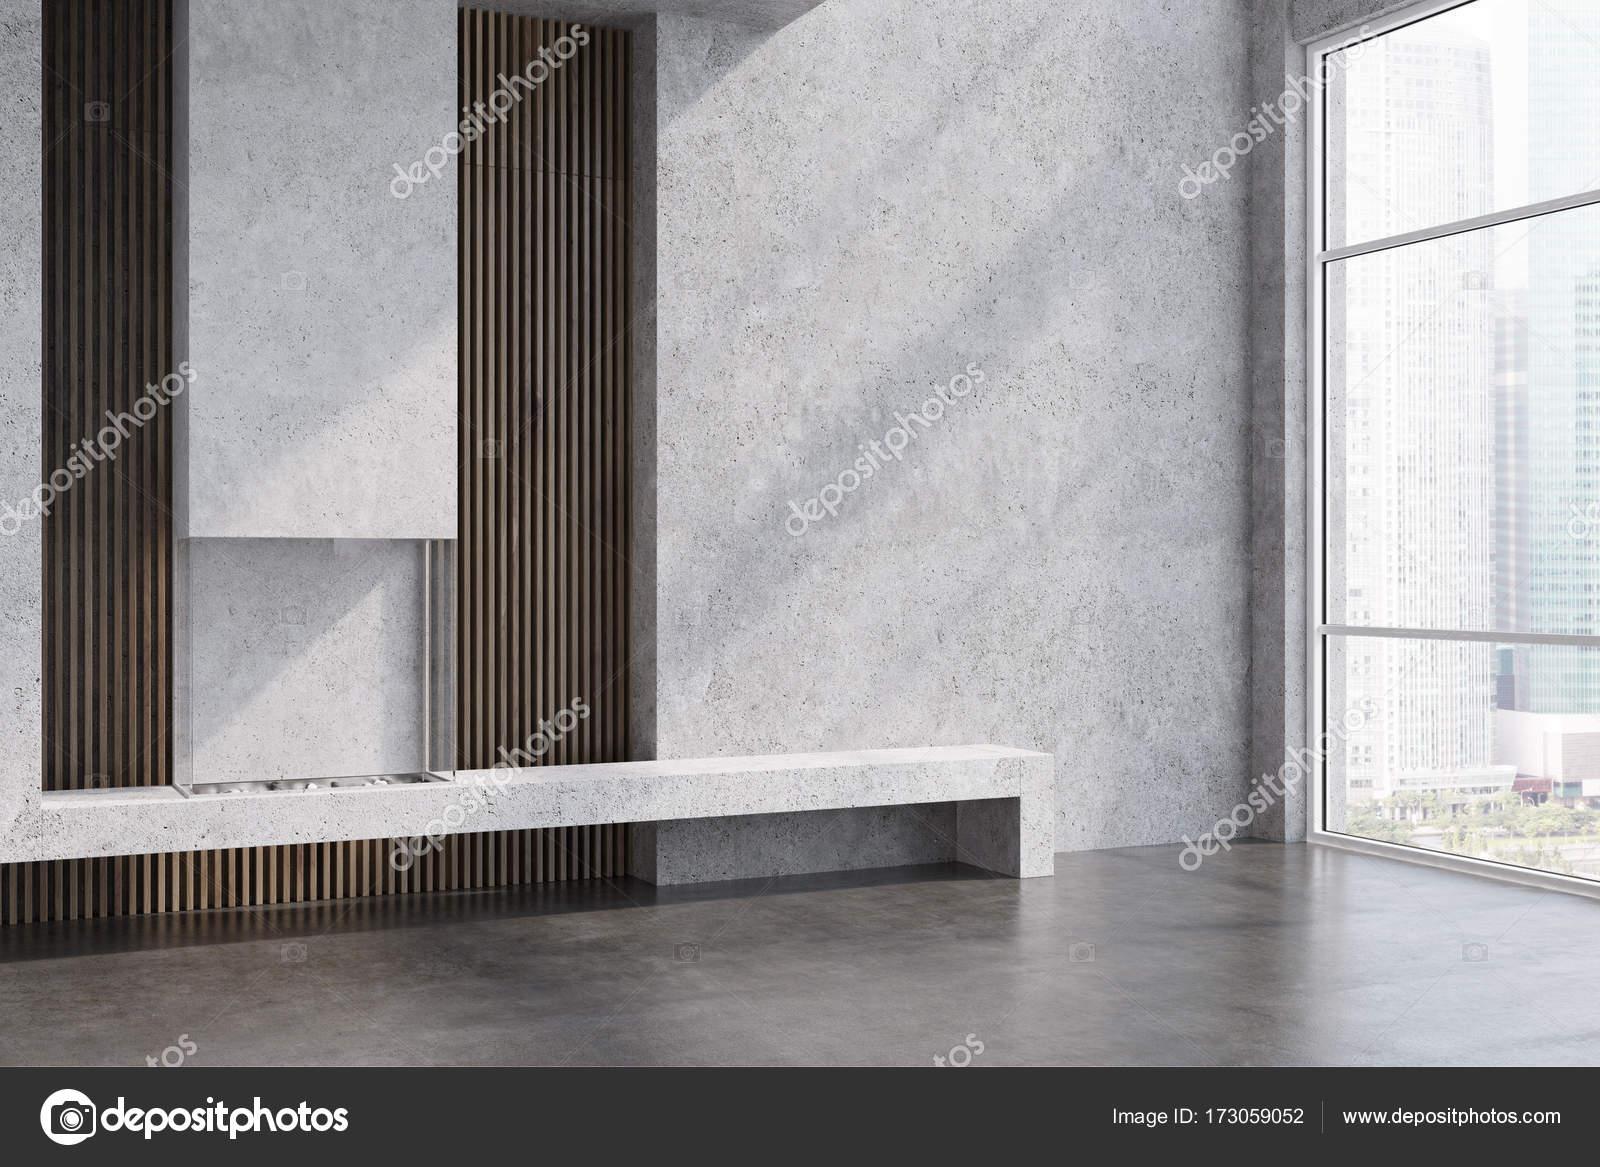 Holz Und Wohnzimmer Kamin Stockfoto C Denisismagilov